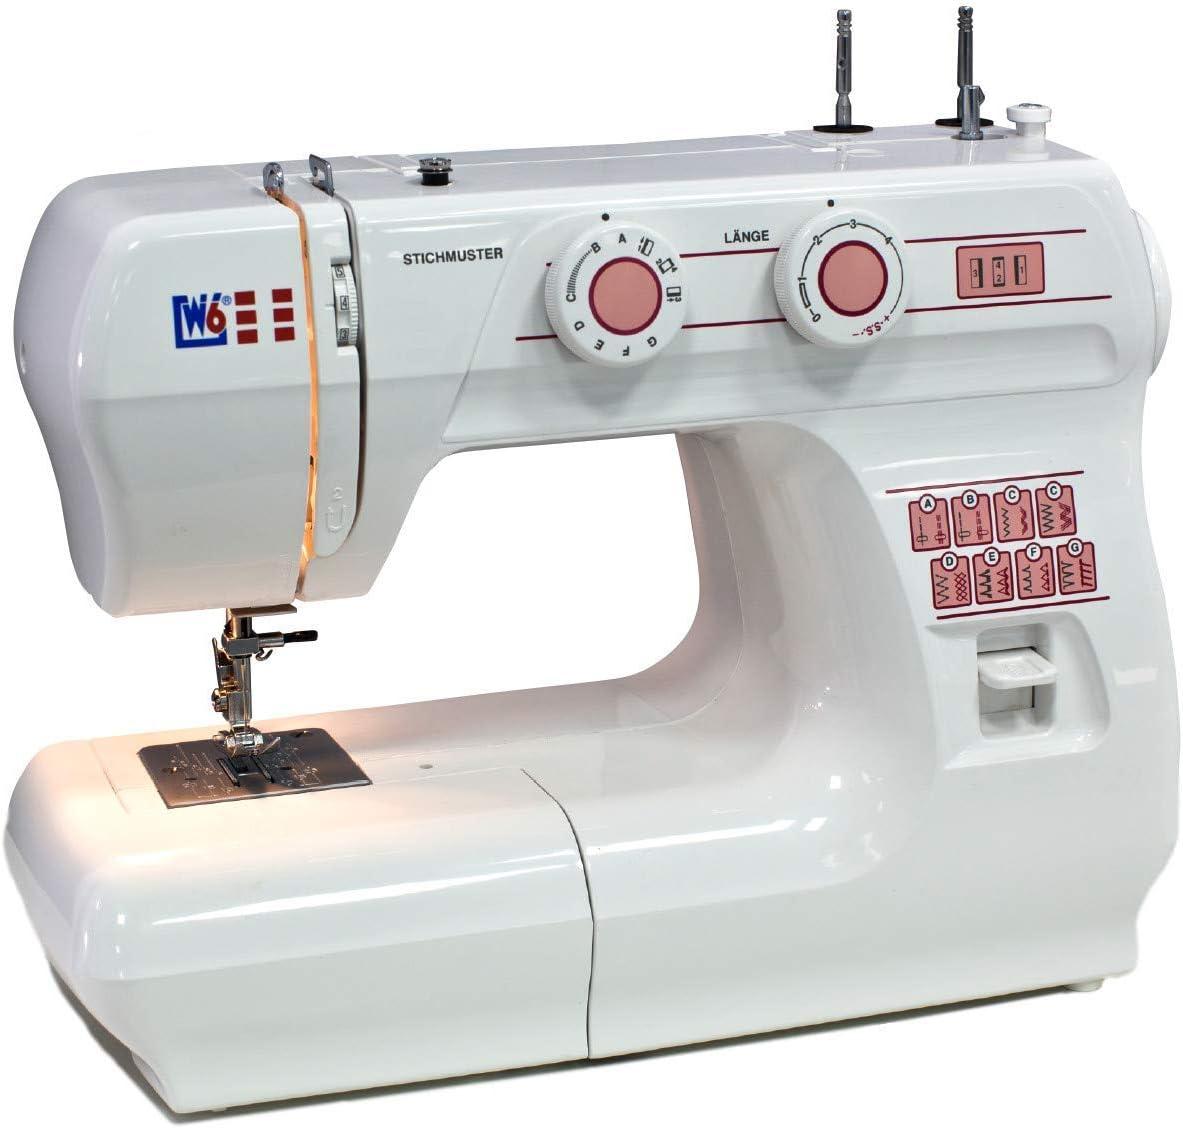 W6 N 1615 - Máquina de coser (10 años de garantía) [importado de Alemania]: Amazon.es: Hogar